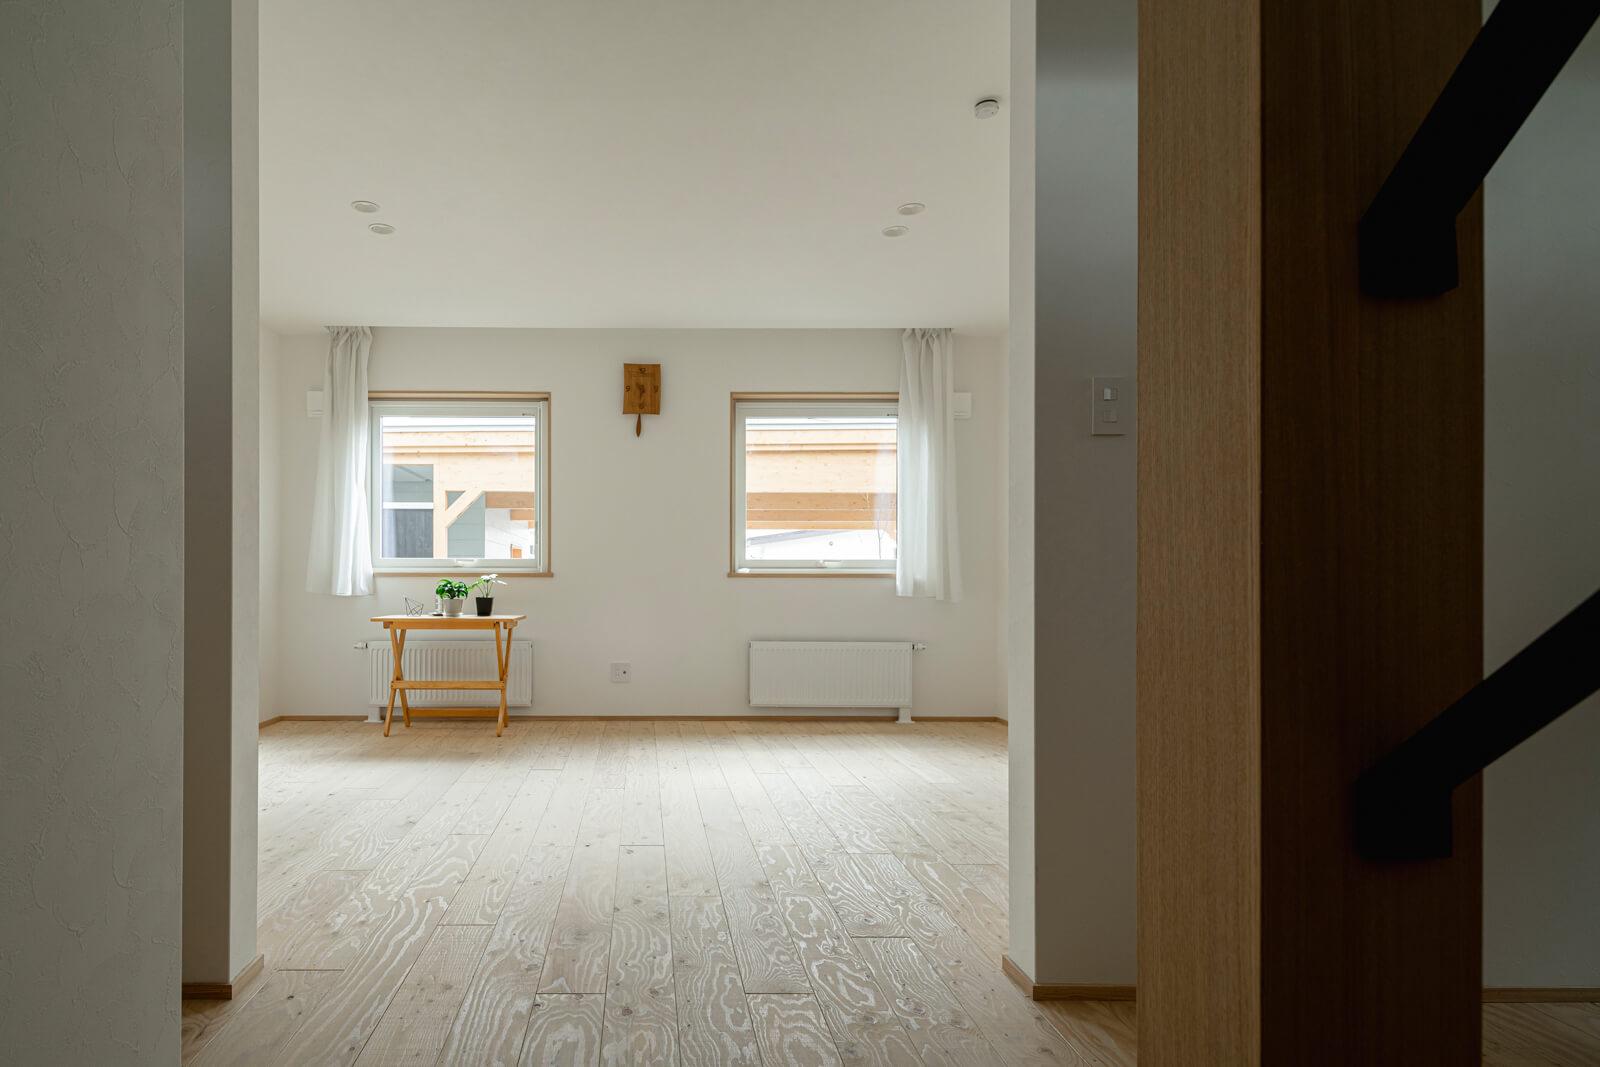 1階居室は、将来子ども部屋にすることも想定したもので、今は広いワンルーム